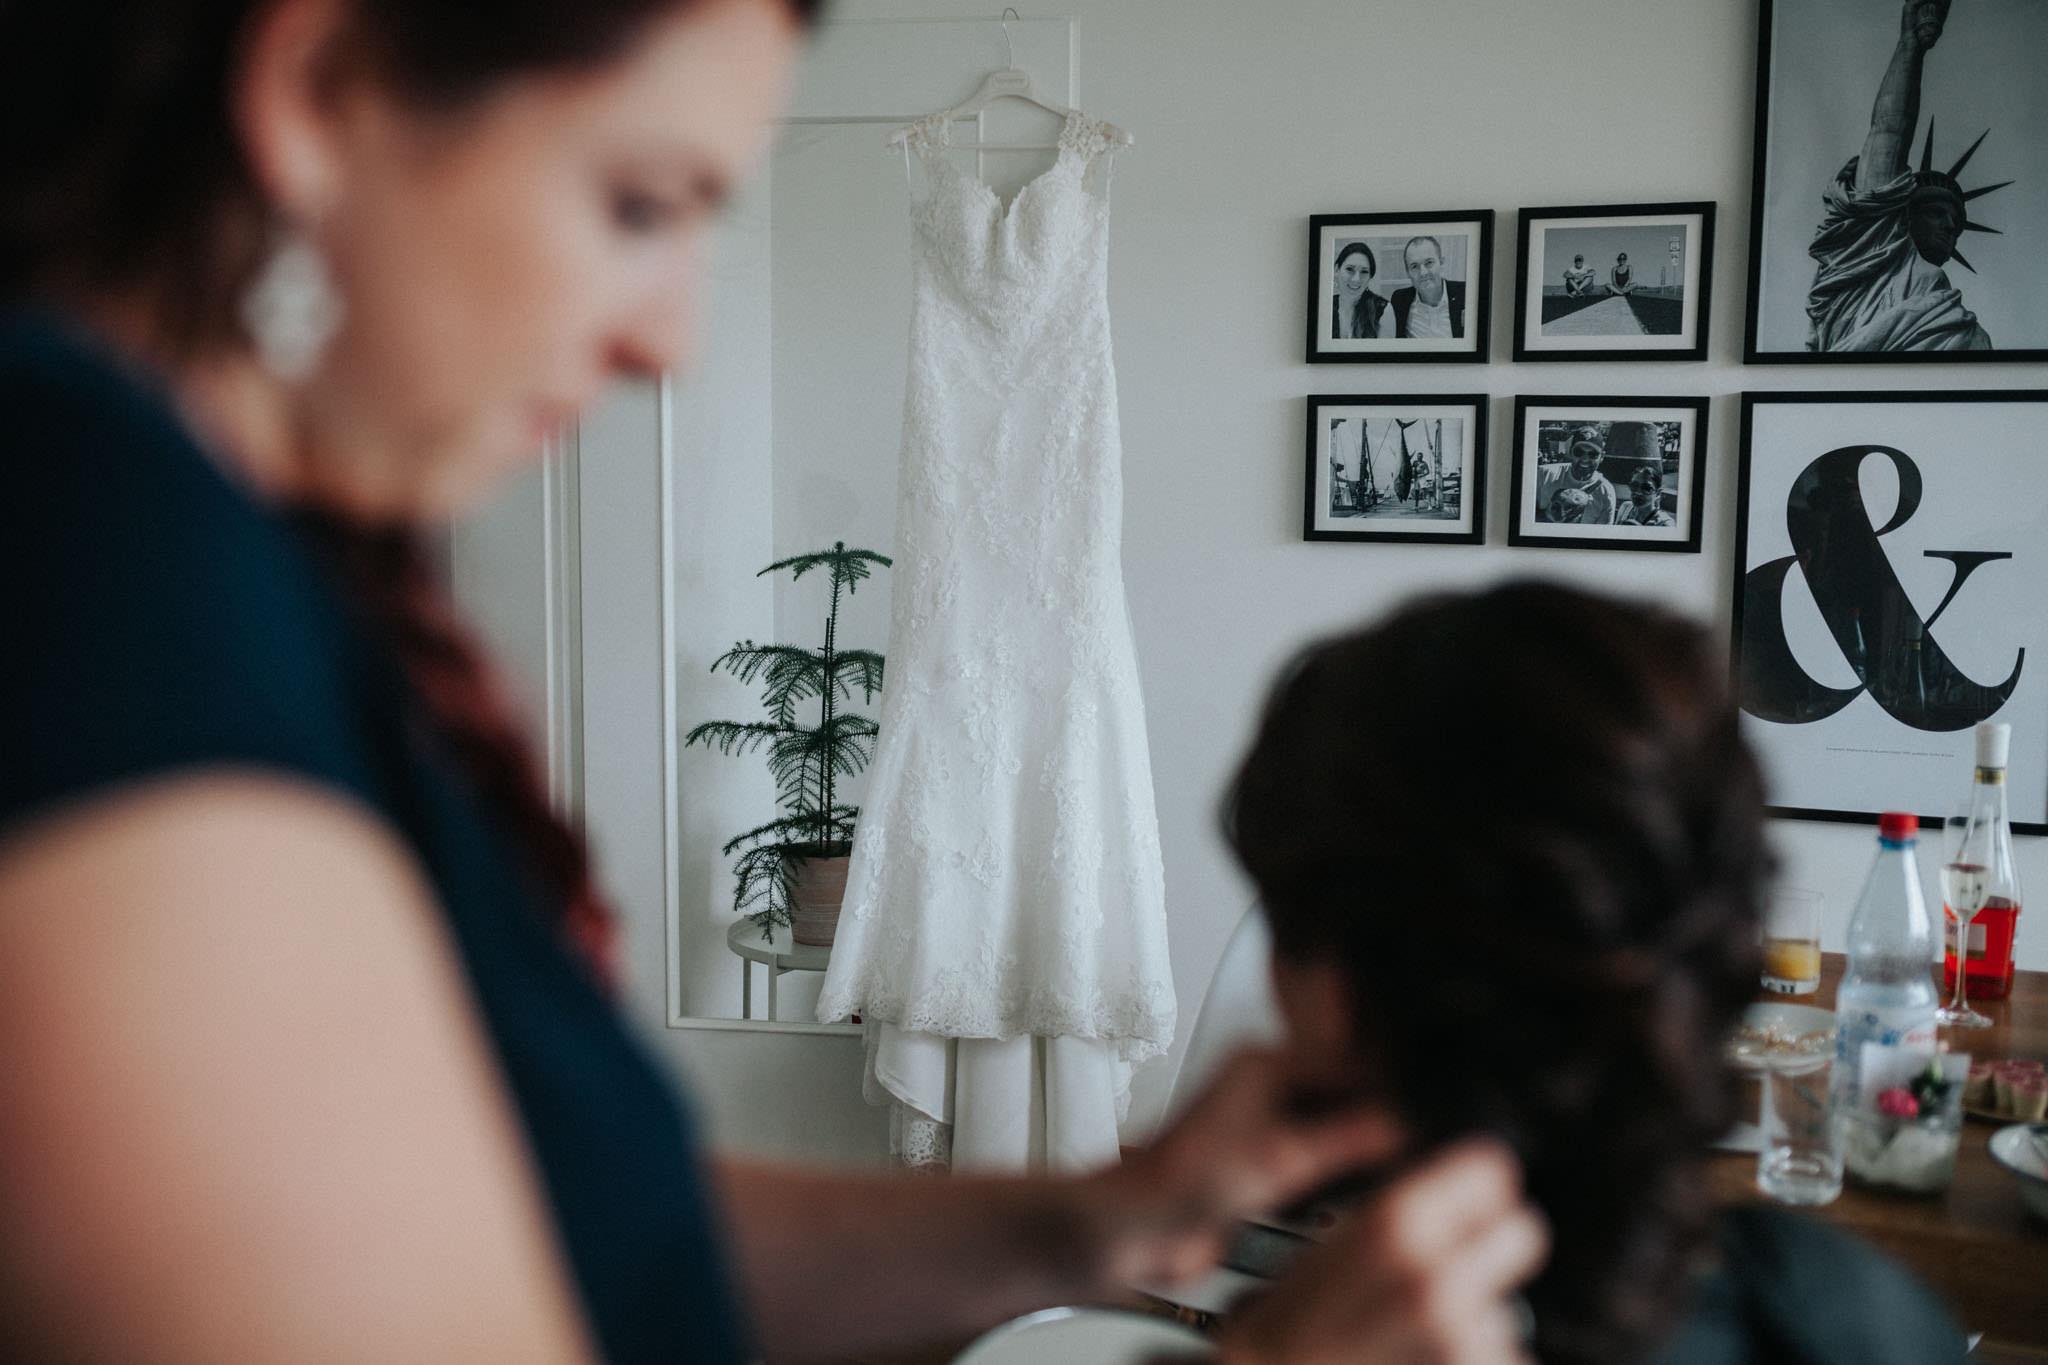 Brautkleid hängt an der Tür